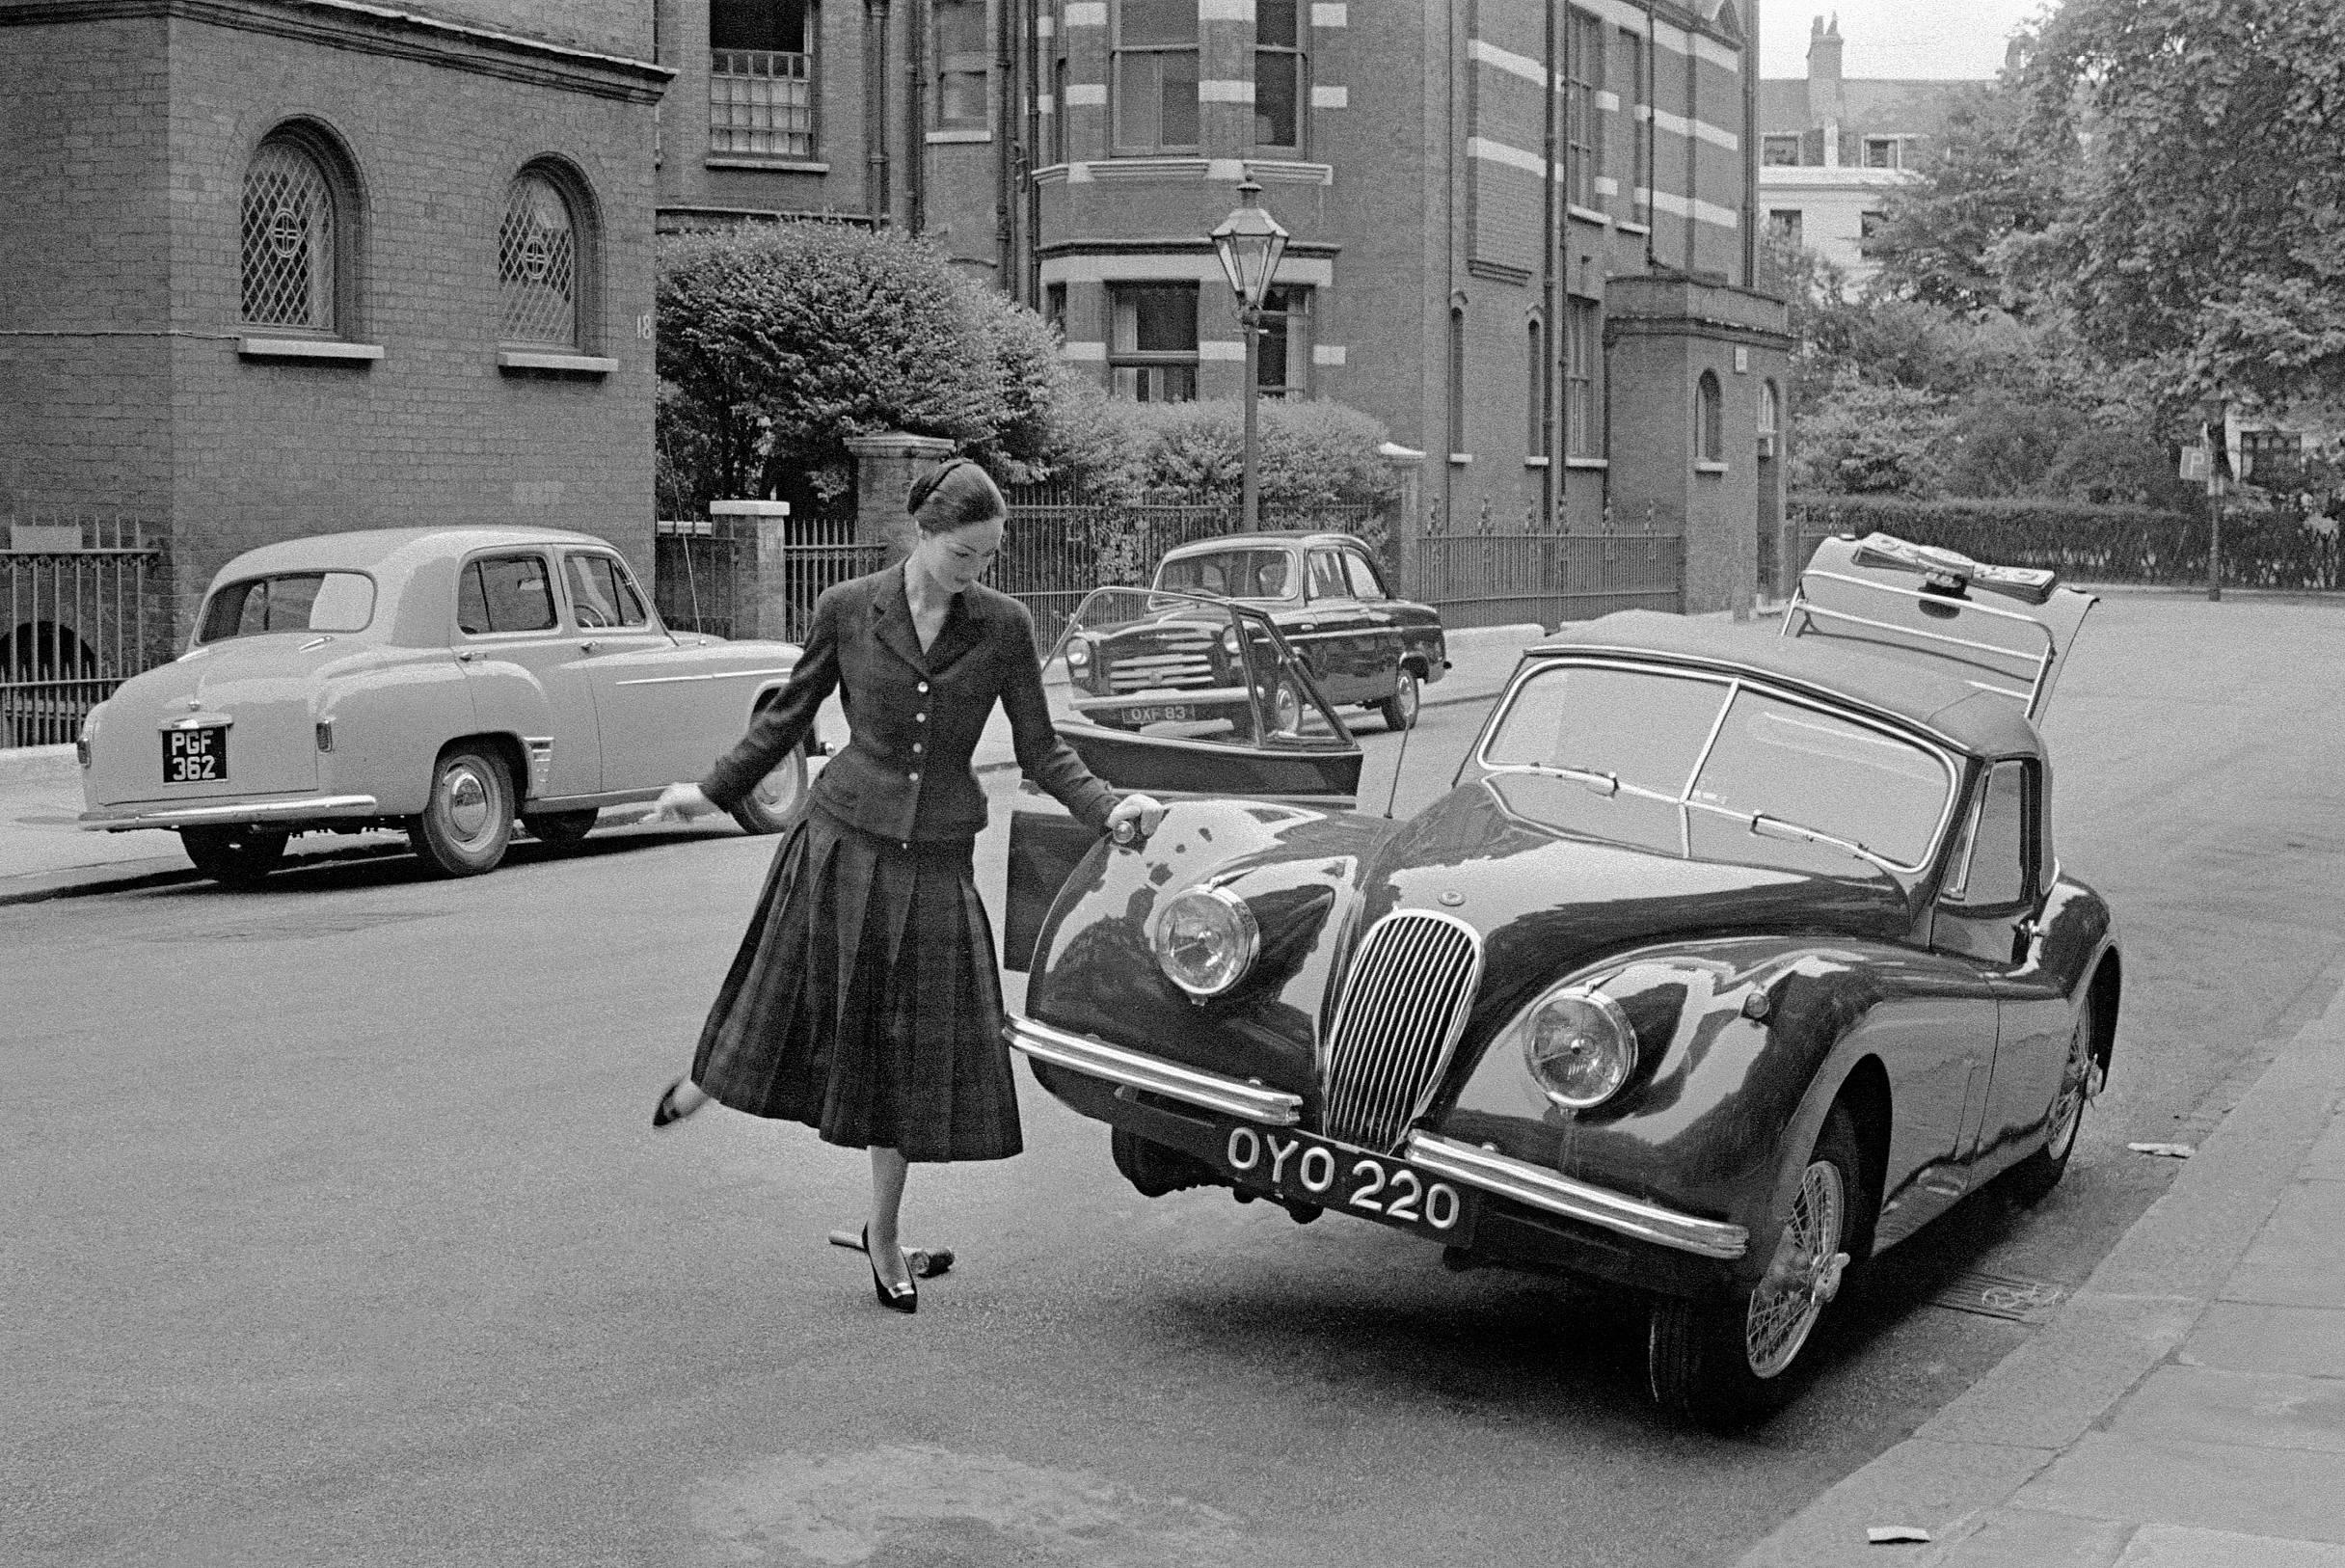 Fotó: Frank Horvat: 1955, London, UK, South Kensington, Mate and Jaguar © Frank Horvat